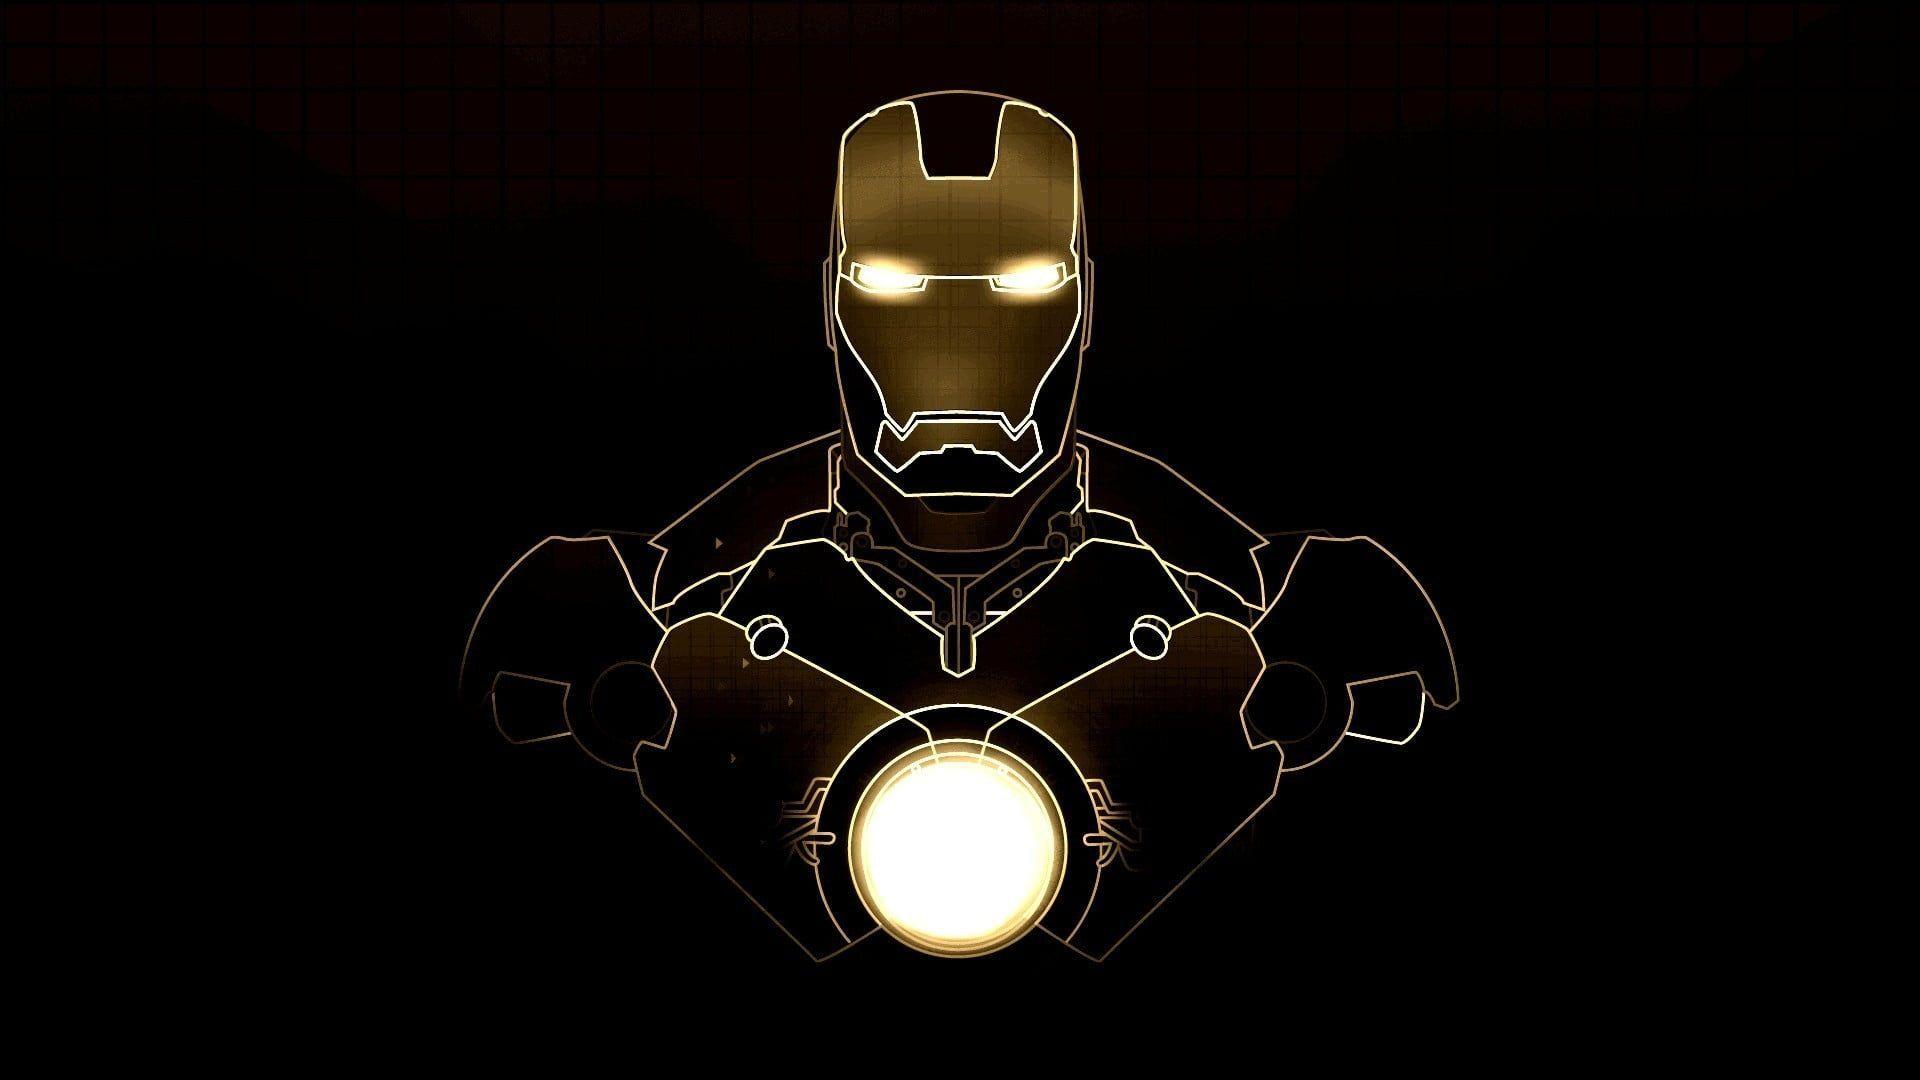 Marvel Iron Man Digital Wallpaper Iron Man 1080p Wallpaper Hdwallpaper Deskt 1080p Deskt Digital En 2020 Ironman Fondo De Pantalla De Iron Man Arte De Ironman